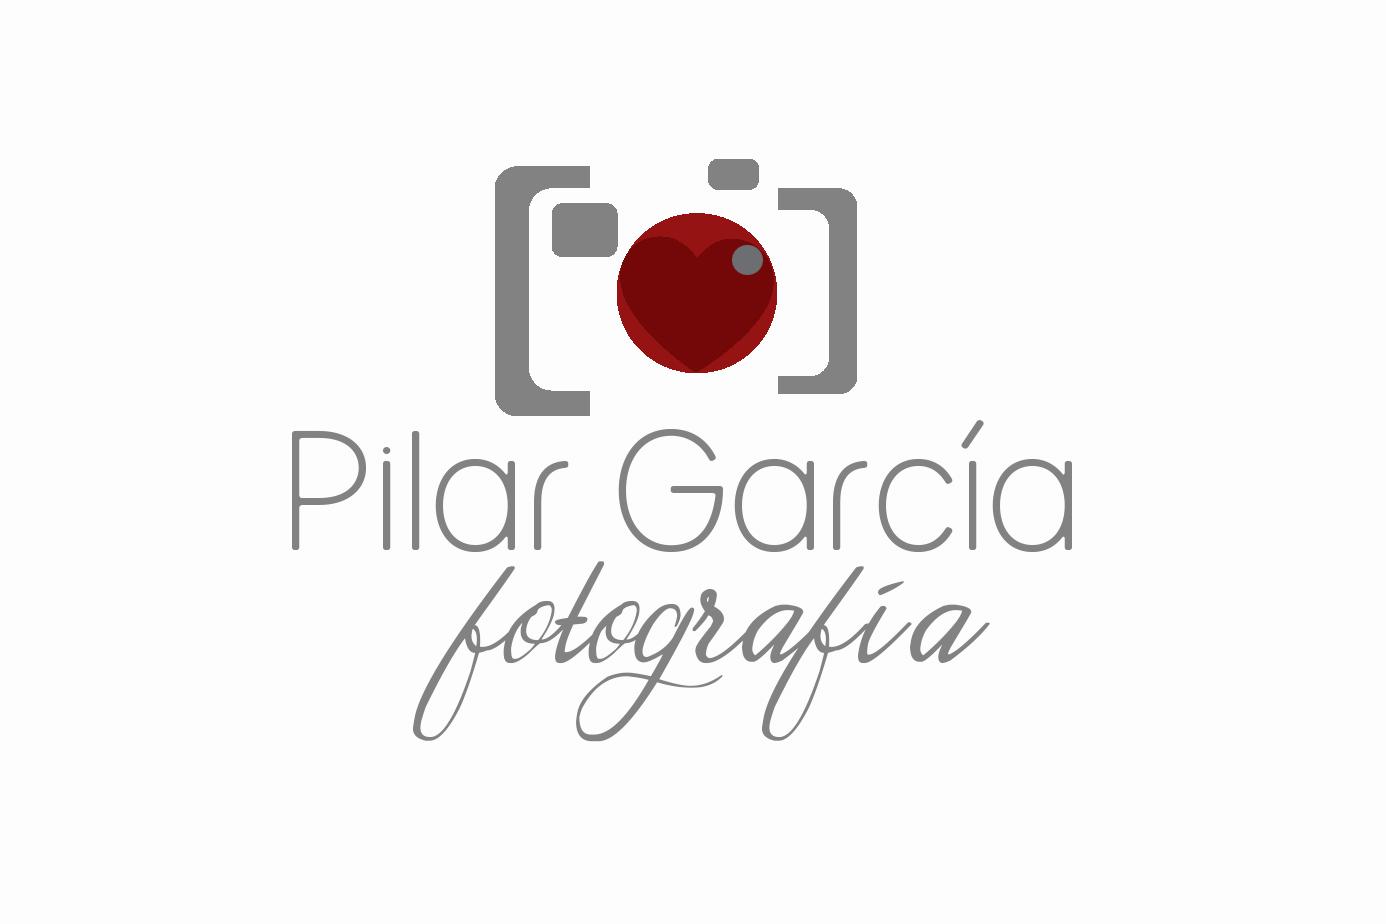 Pilar García Fotografía